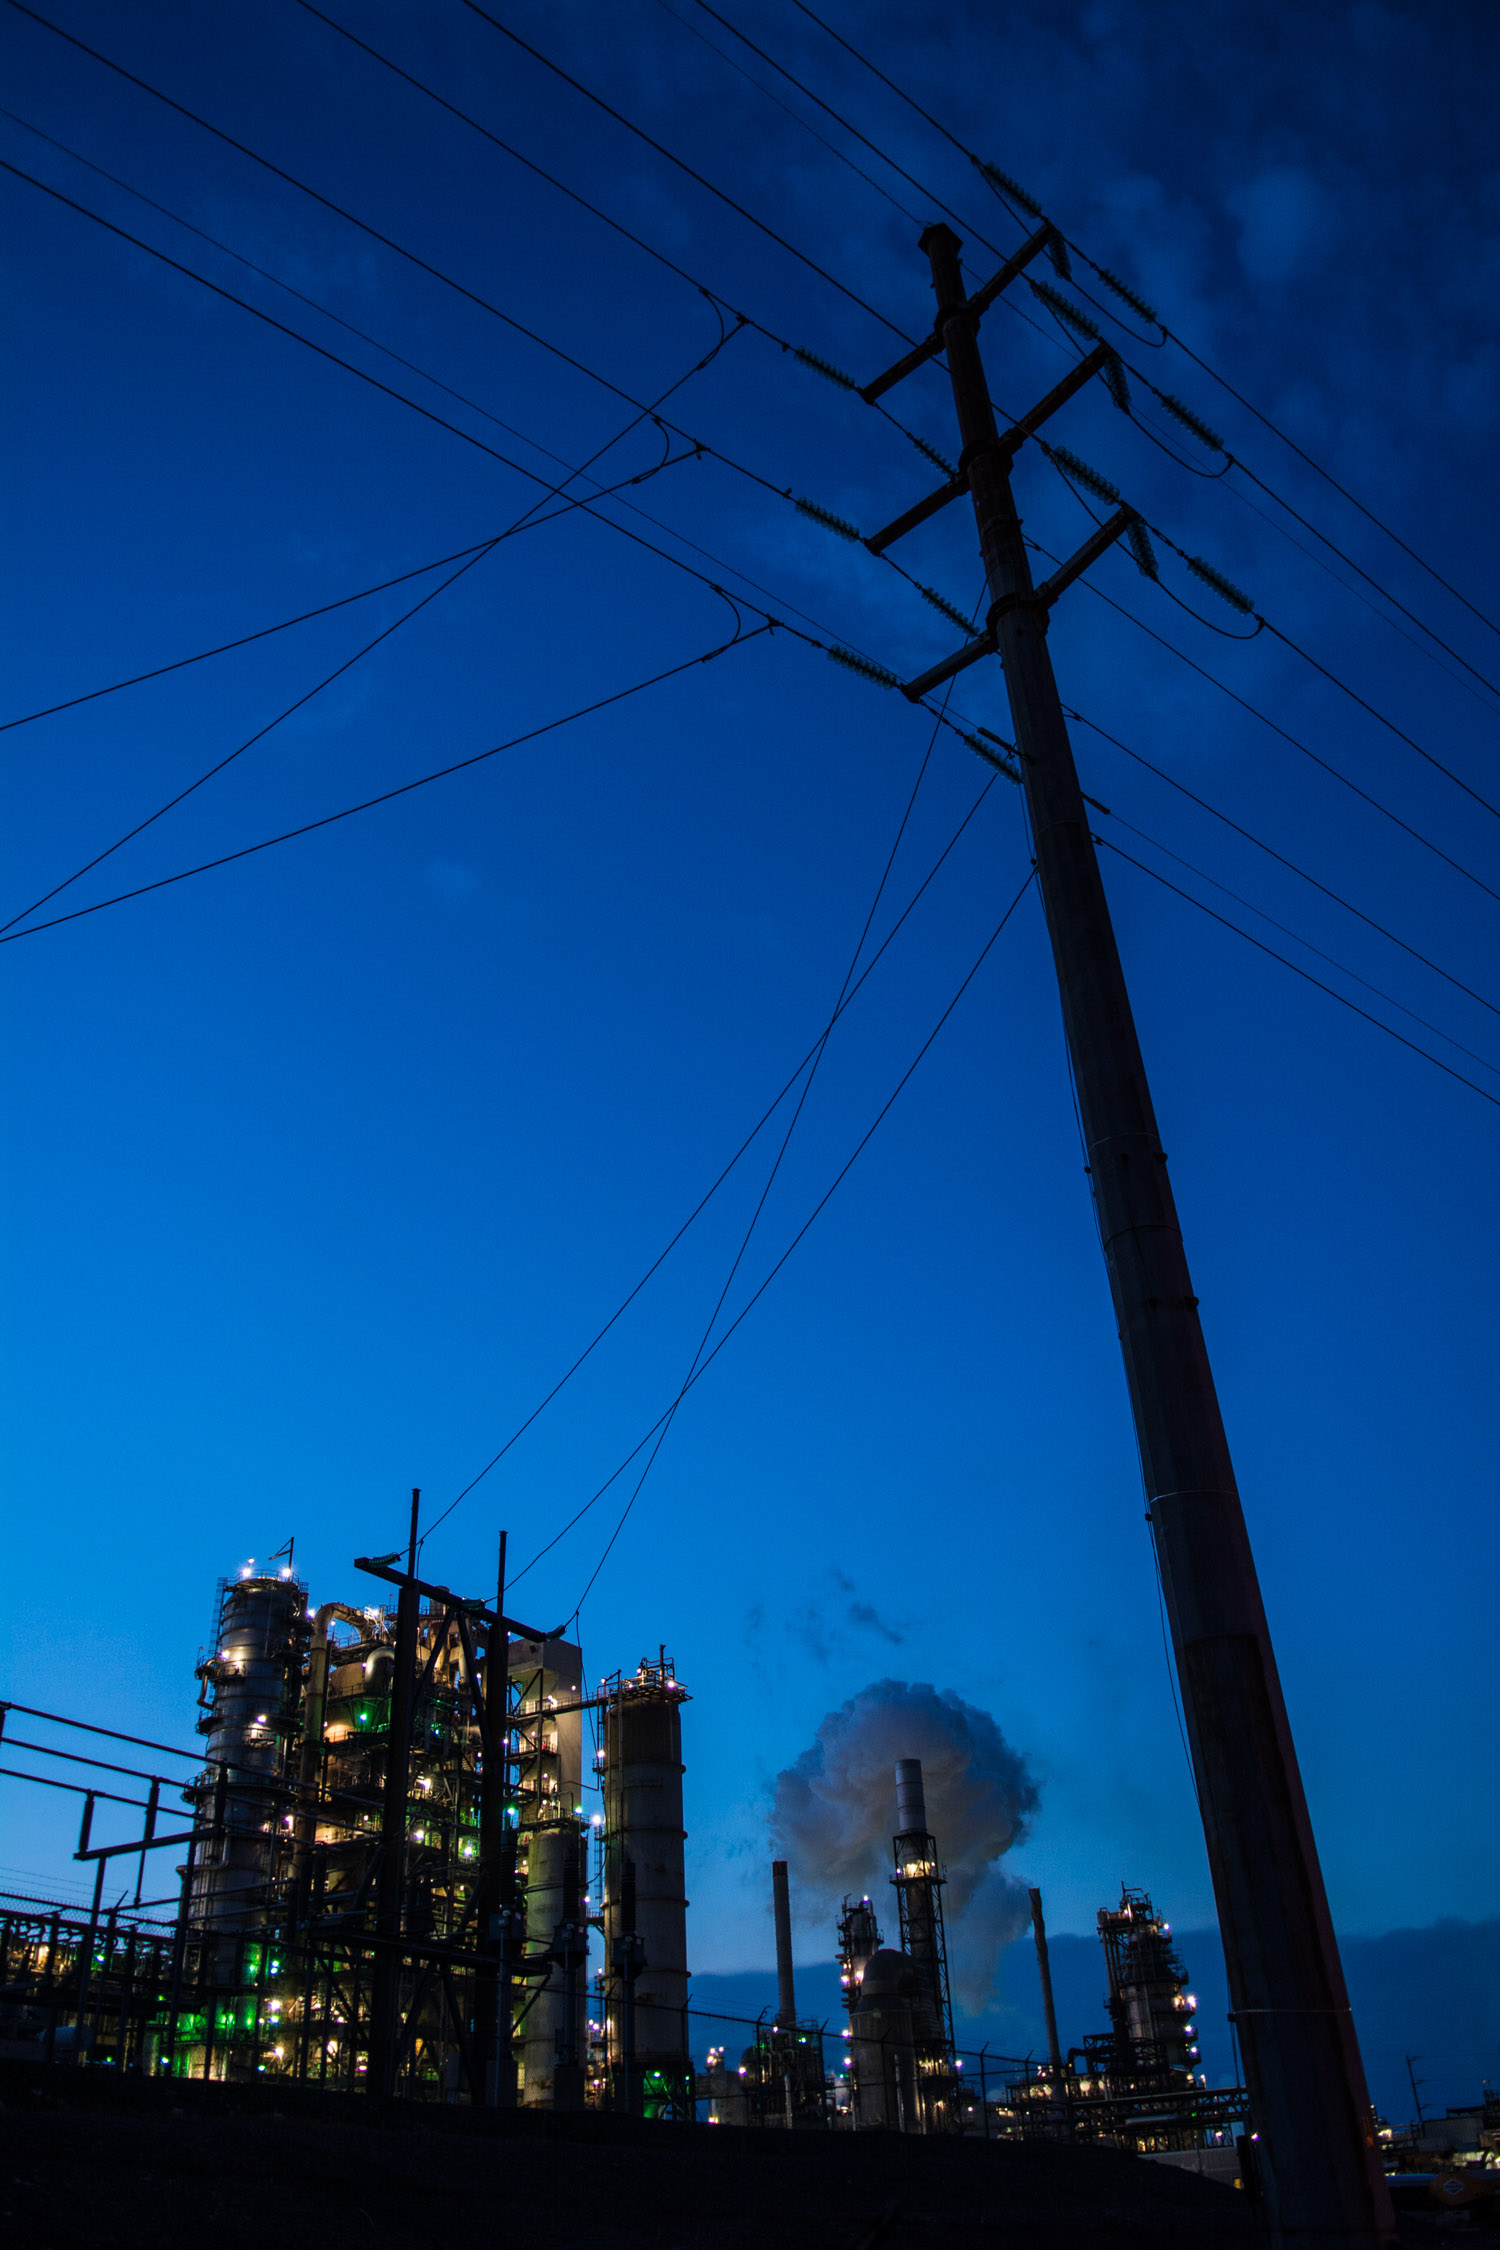 aug05 2014-Bloomberg News-Irving Oil refinery-Saint John NB-photo by Aaron McKenzie Fraser-www.amfraser.com-5483.jpg